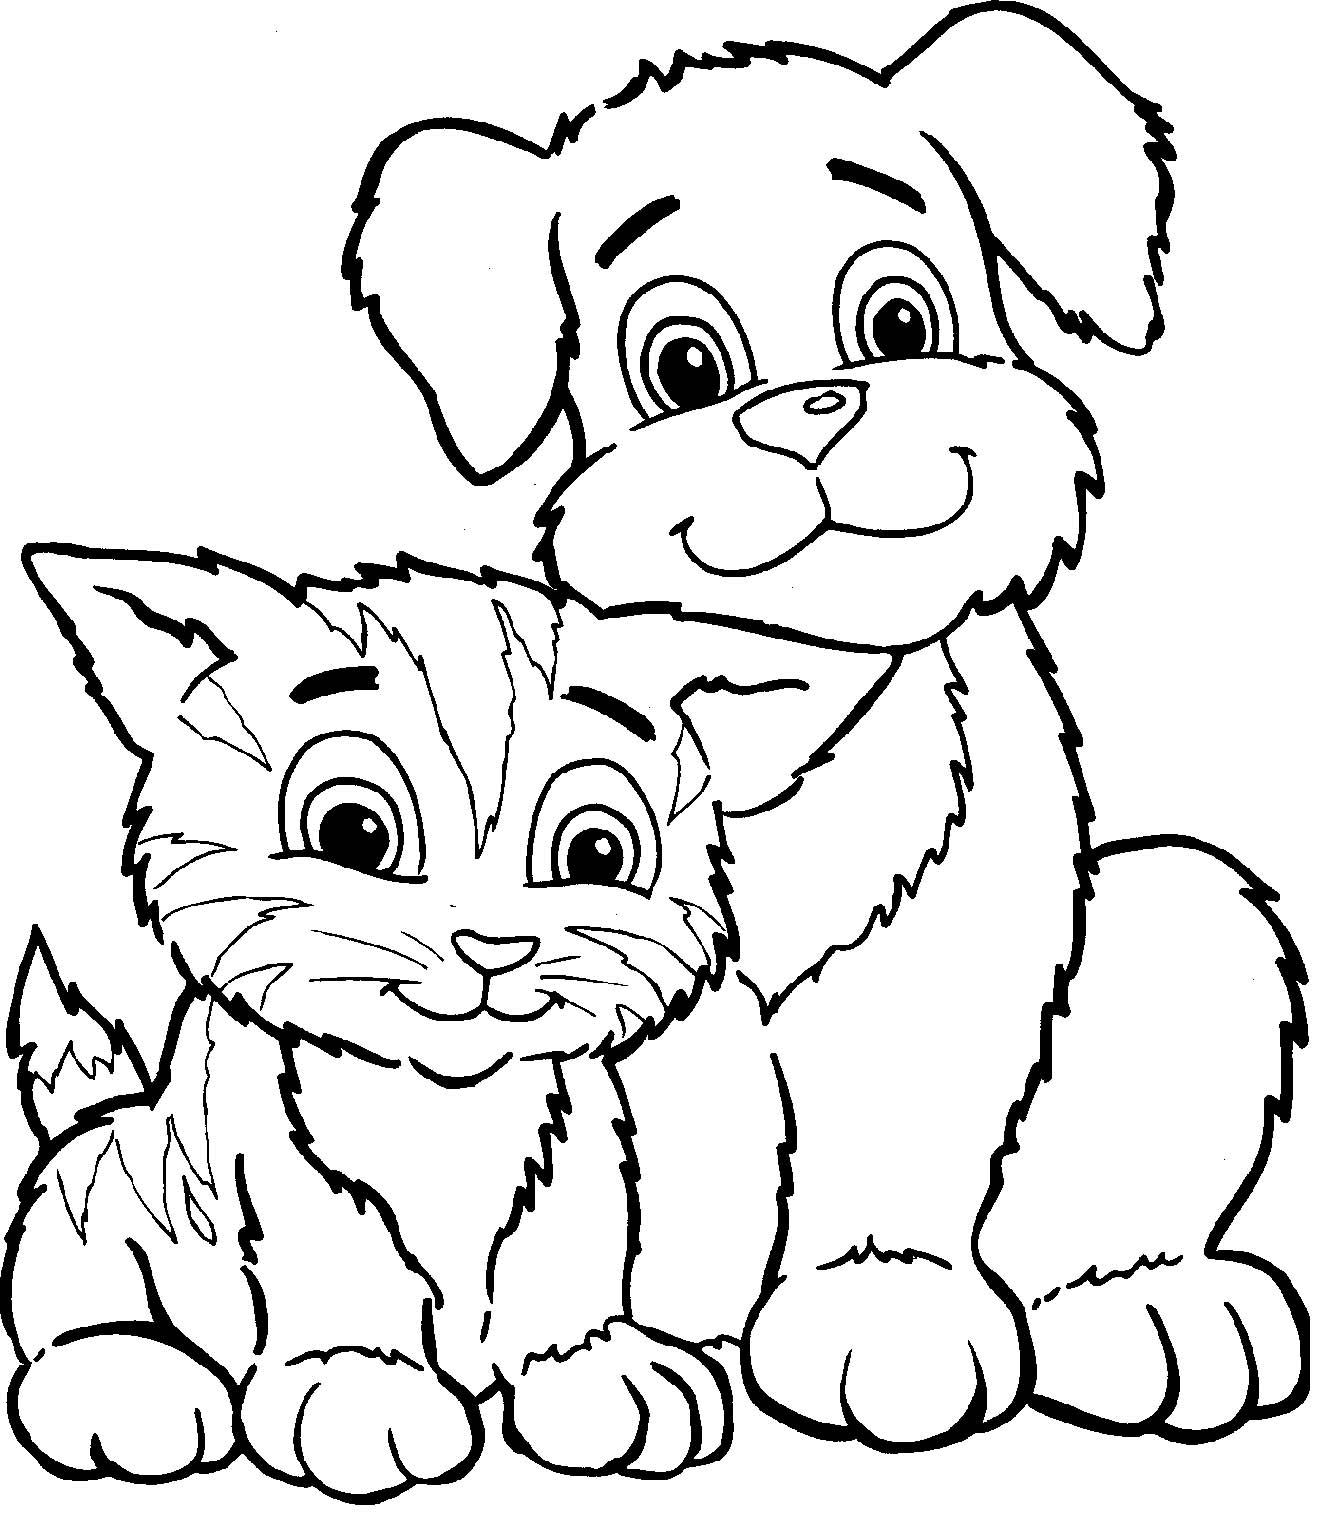 раскраска кошка и собака детские раскраски распчеатать